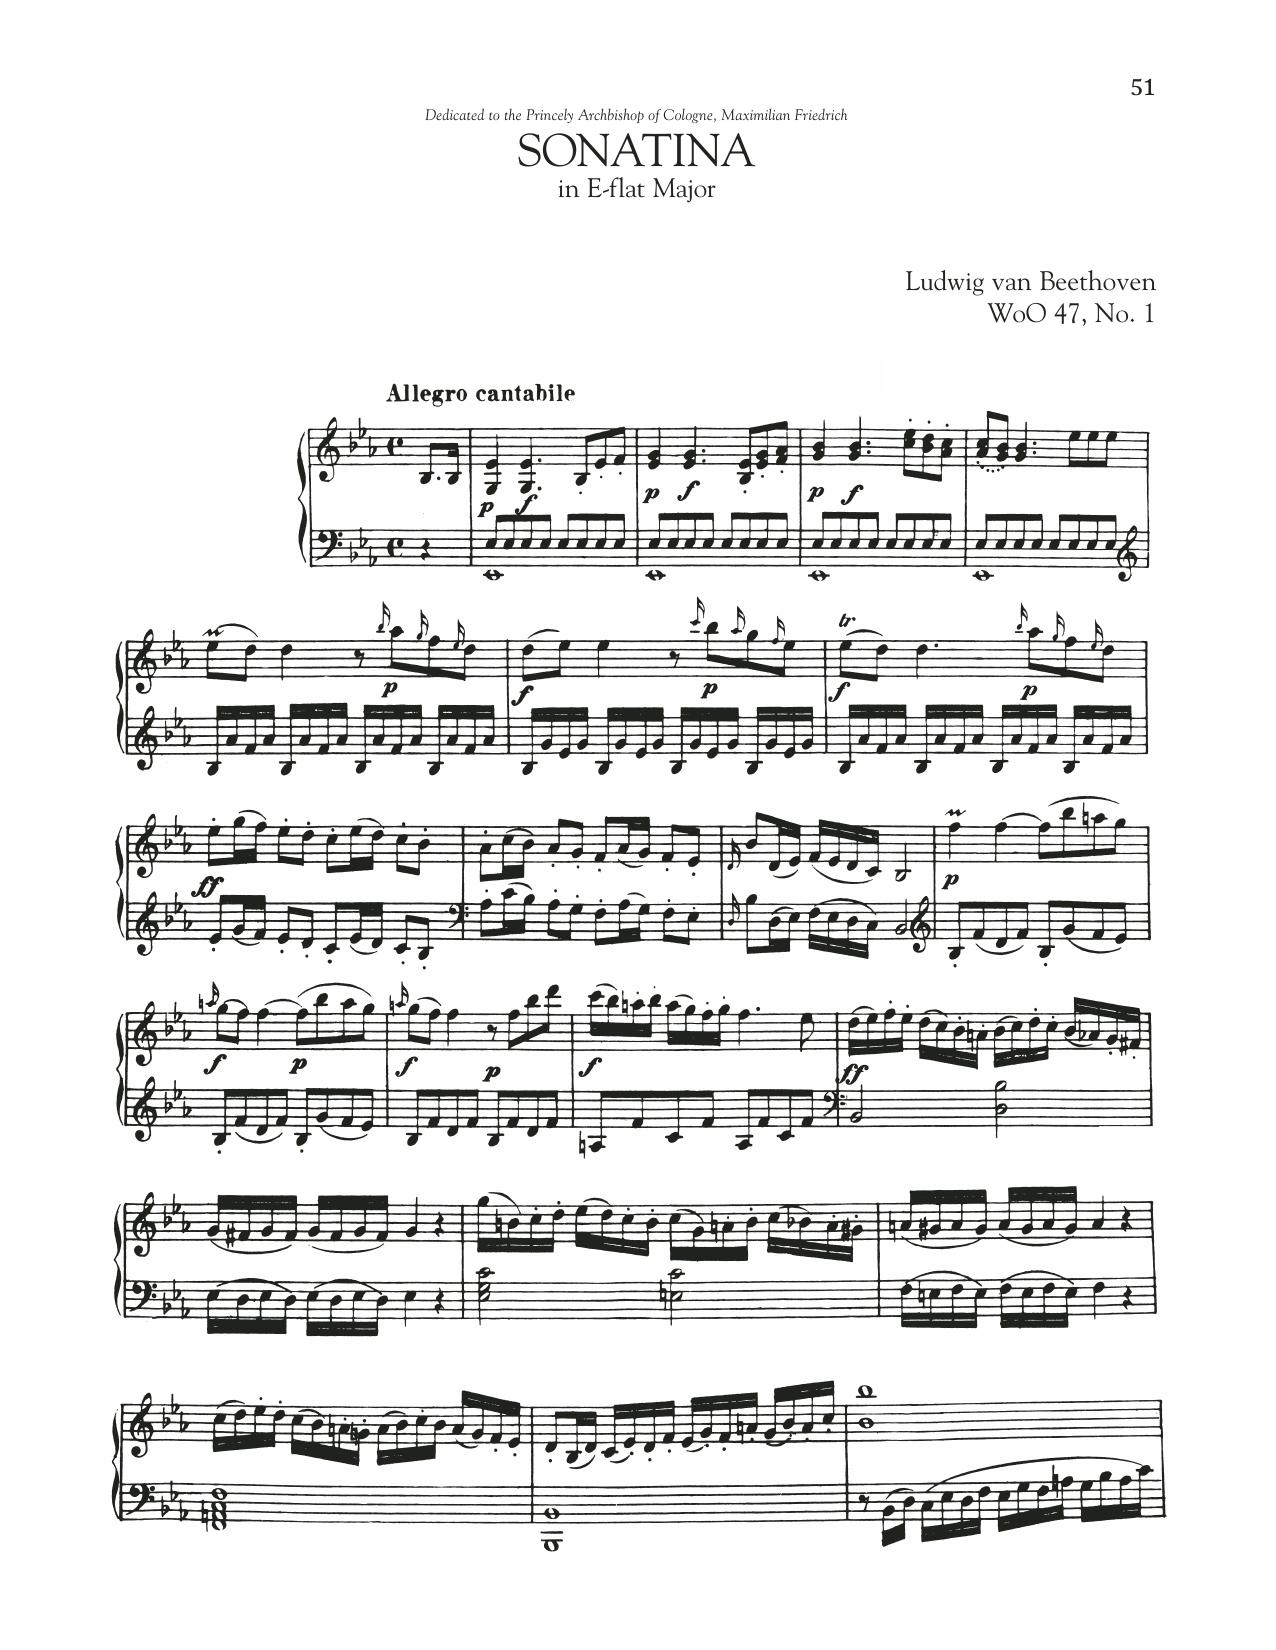 Sonata In E-Flat Major, WoO 47, No. 1 (Piano Solo)